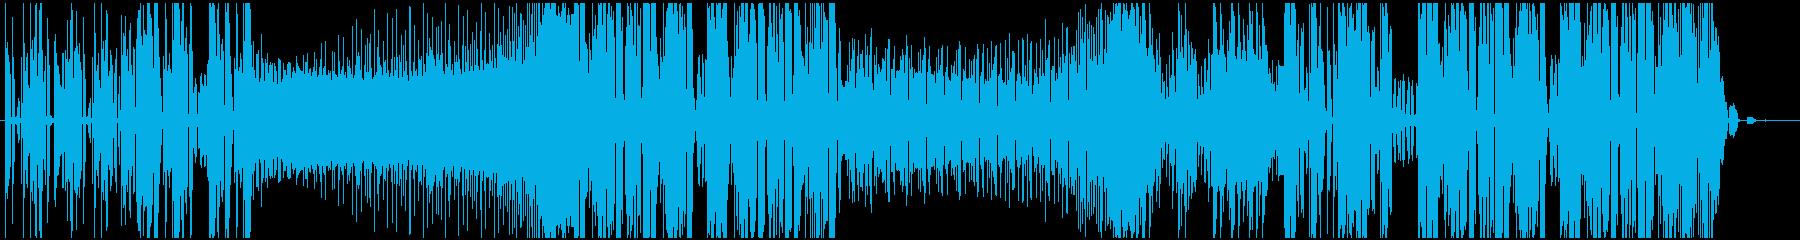 ダブステップでテンションの上がる曲の再生済みの波形